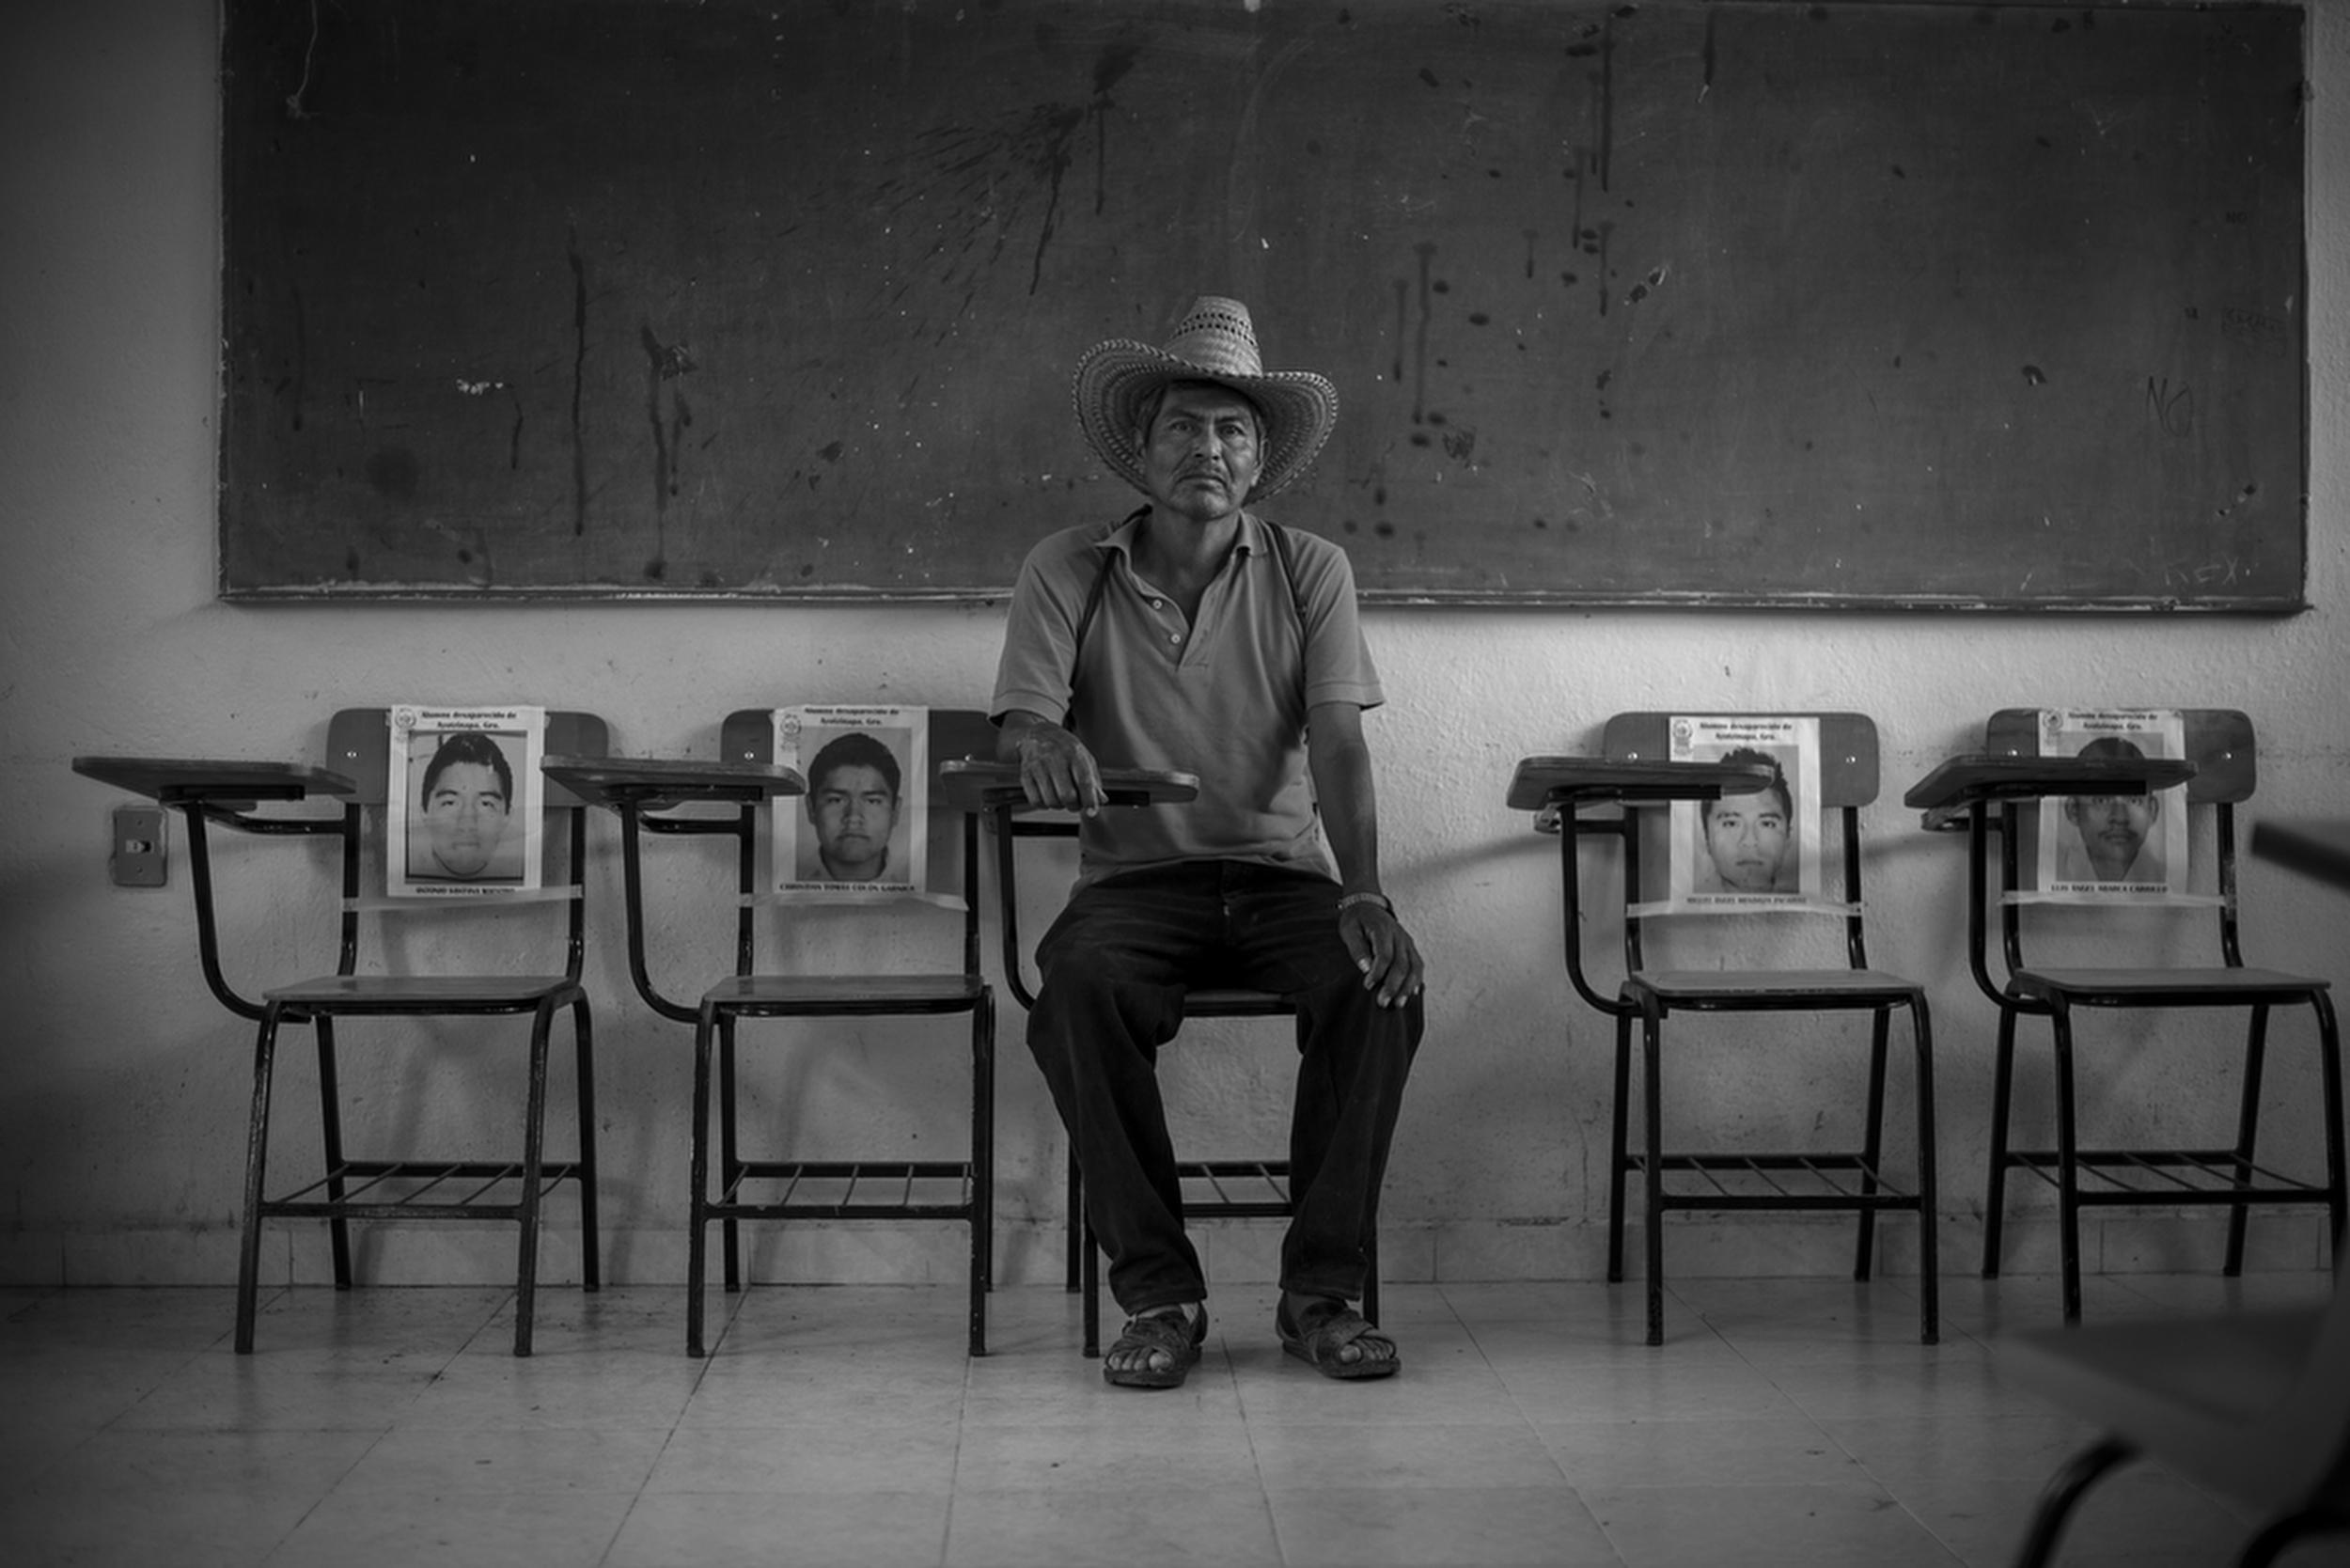 Bernardo Campos Santos' son, José Ángel Campos Santos, was among the 43 kidnapped students.Ayotzinapa, Mexico. November 13, 2014.